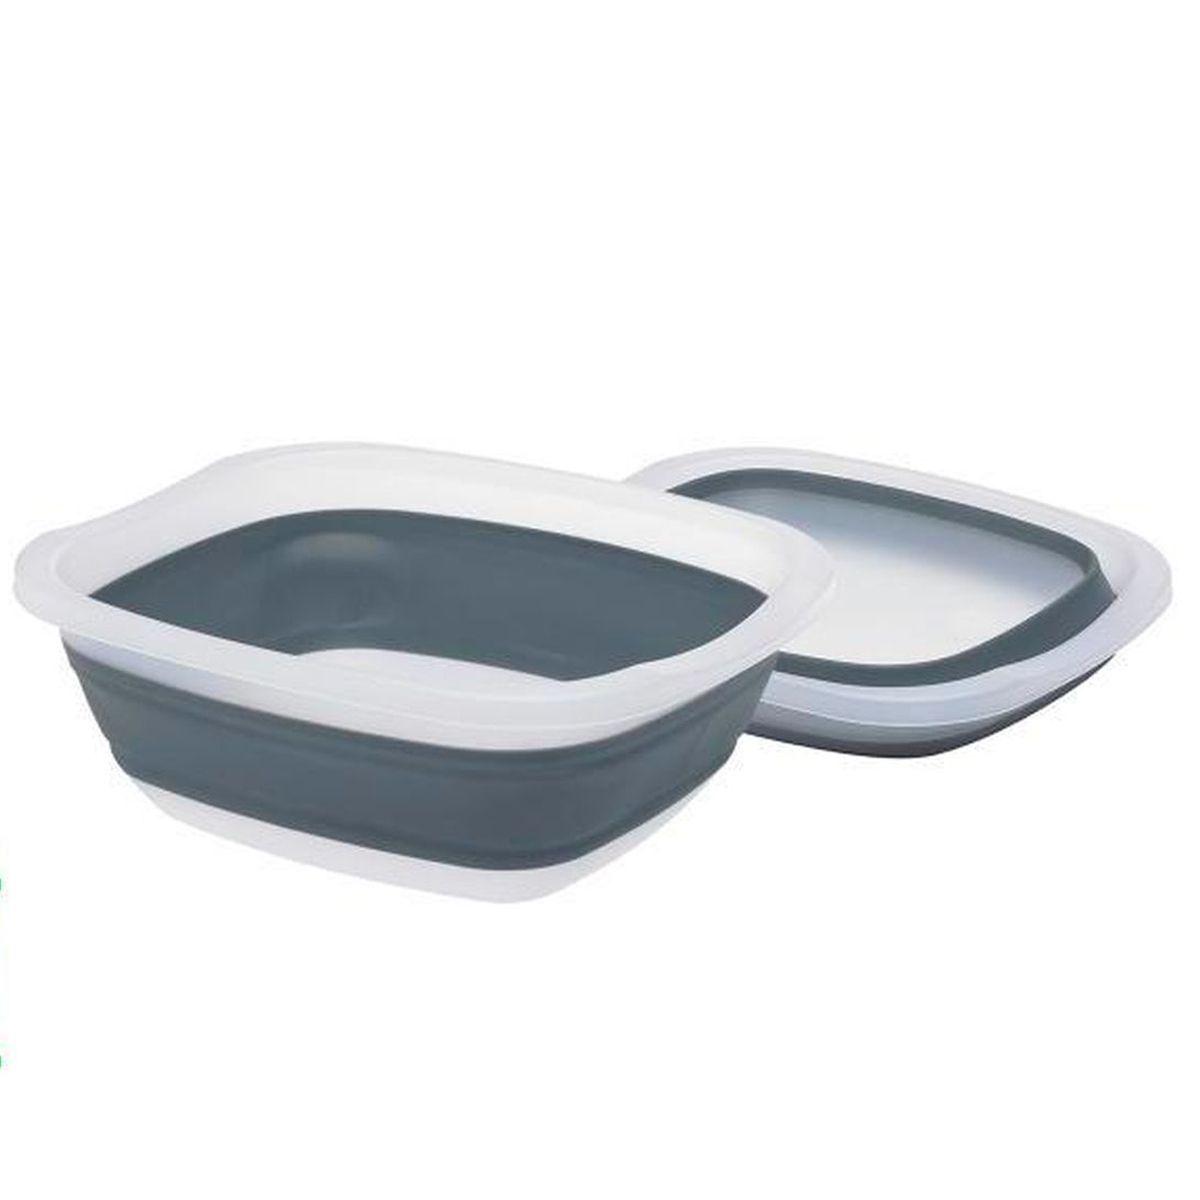 Bac à vaisselle rétractable 9.5l - Progressive